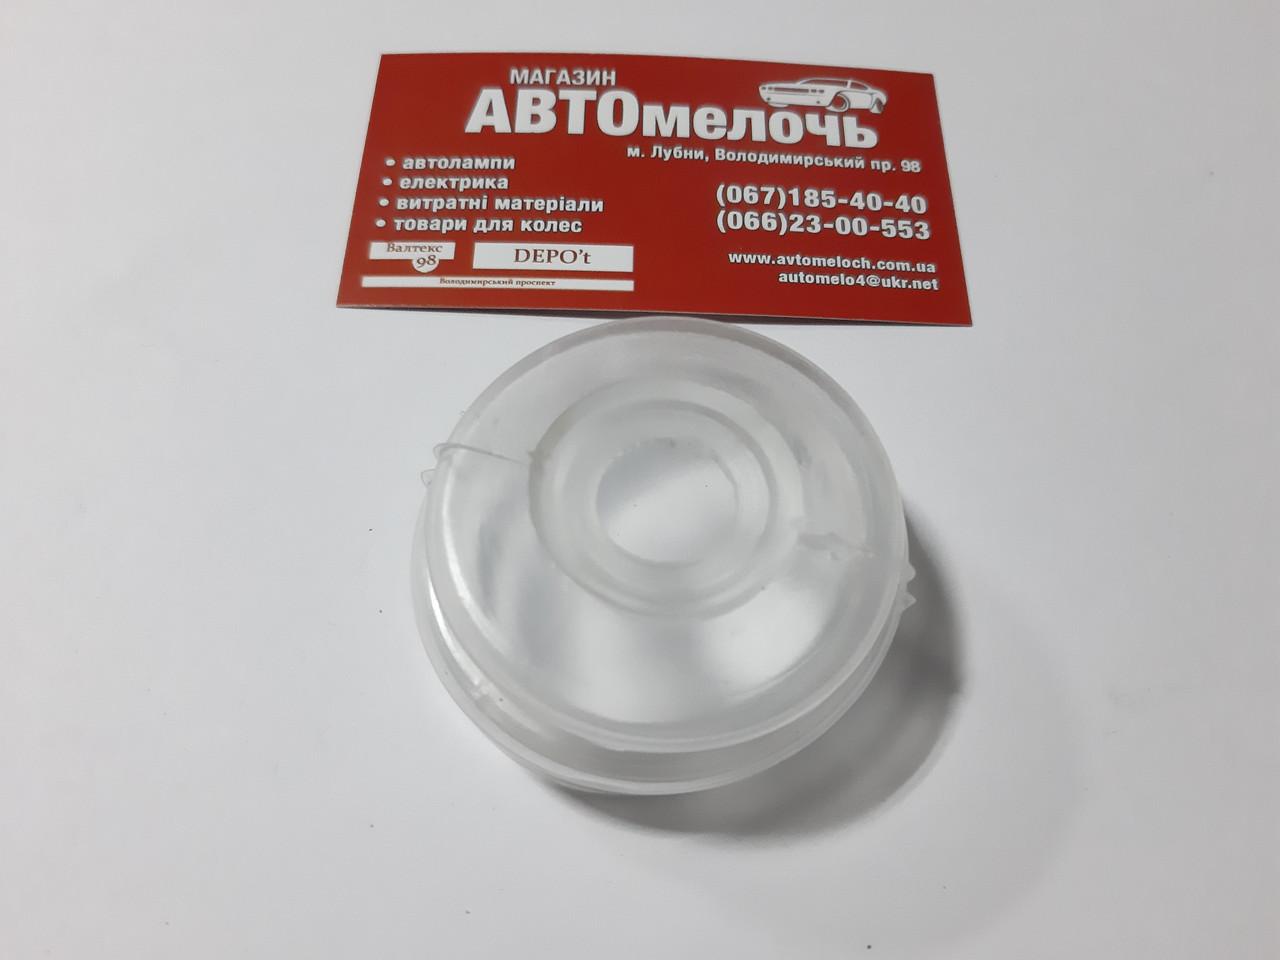 Пыльник универсальный 16х48 с металлическим кольцом ( силиконовый )